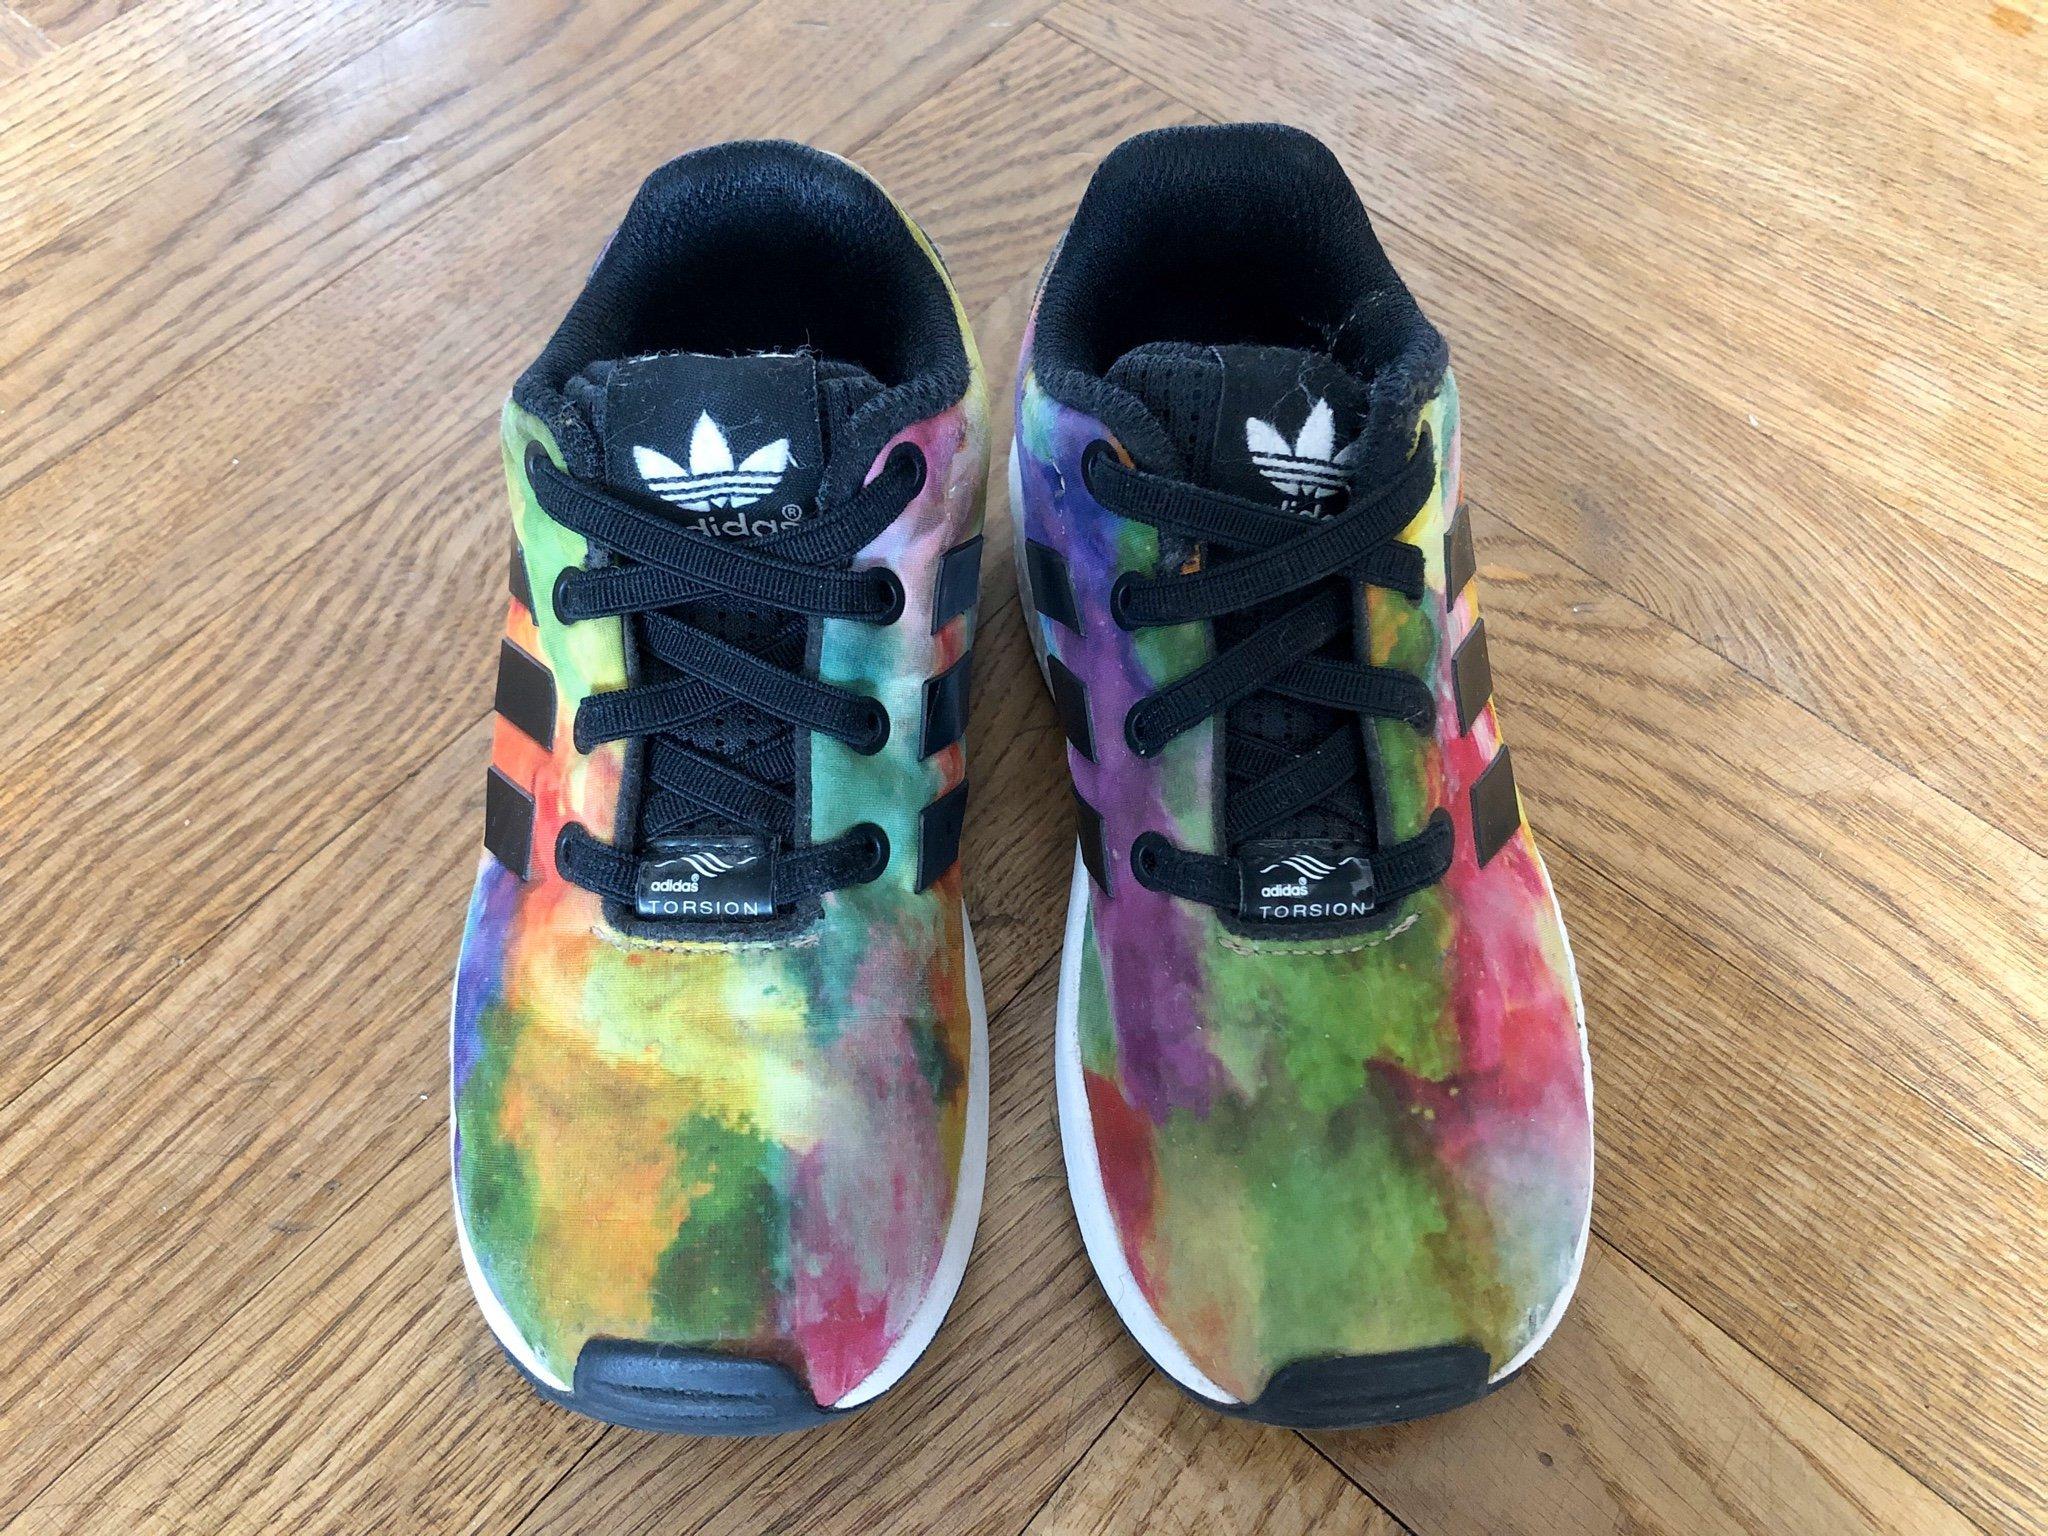 Adidas skor, strl 27 (395862629) ᐈ Köp på Tradera